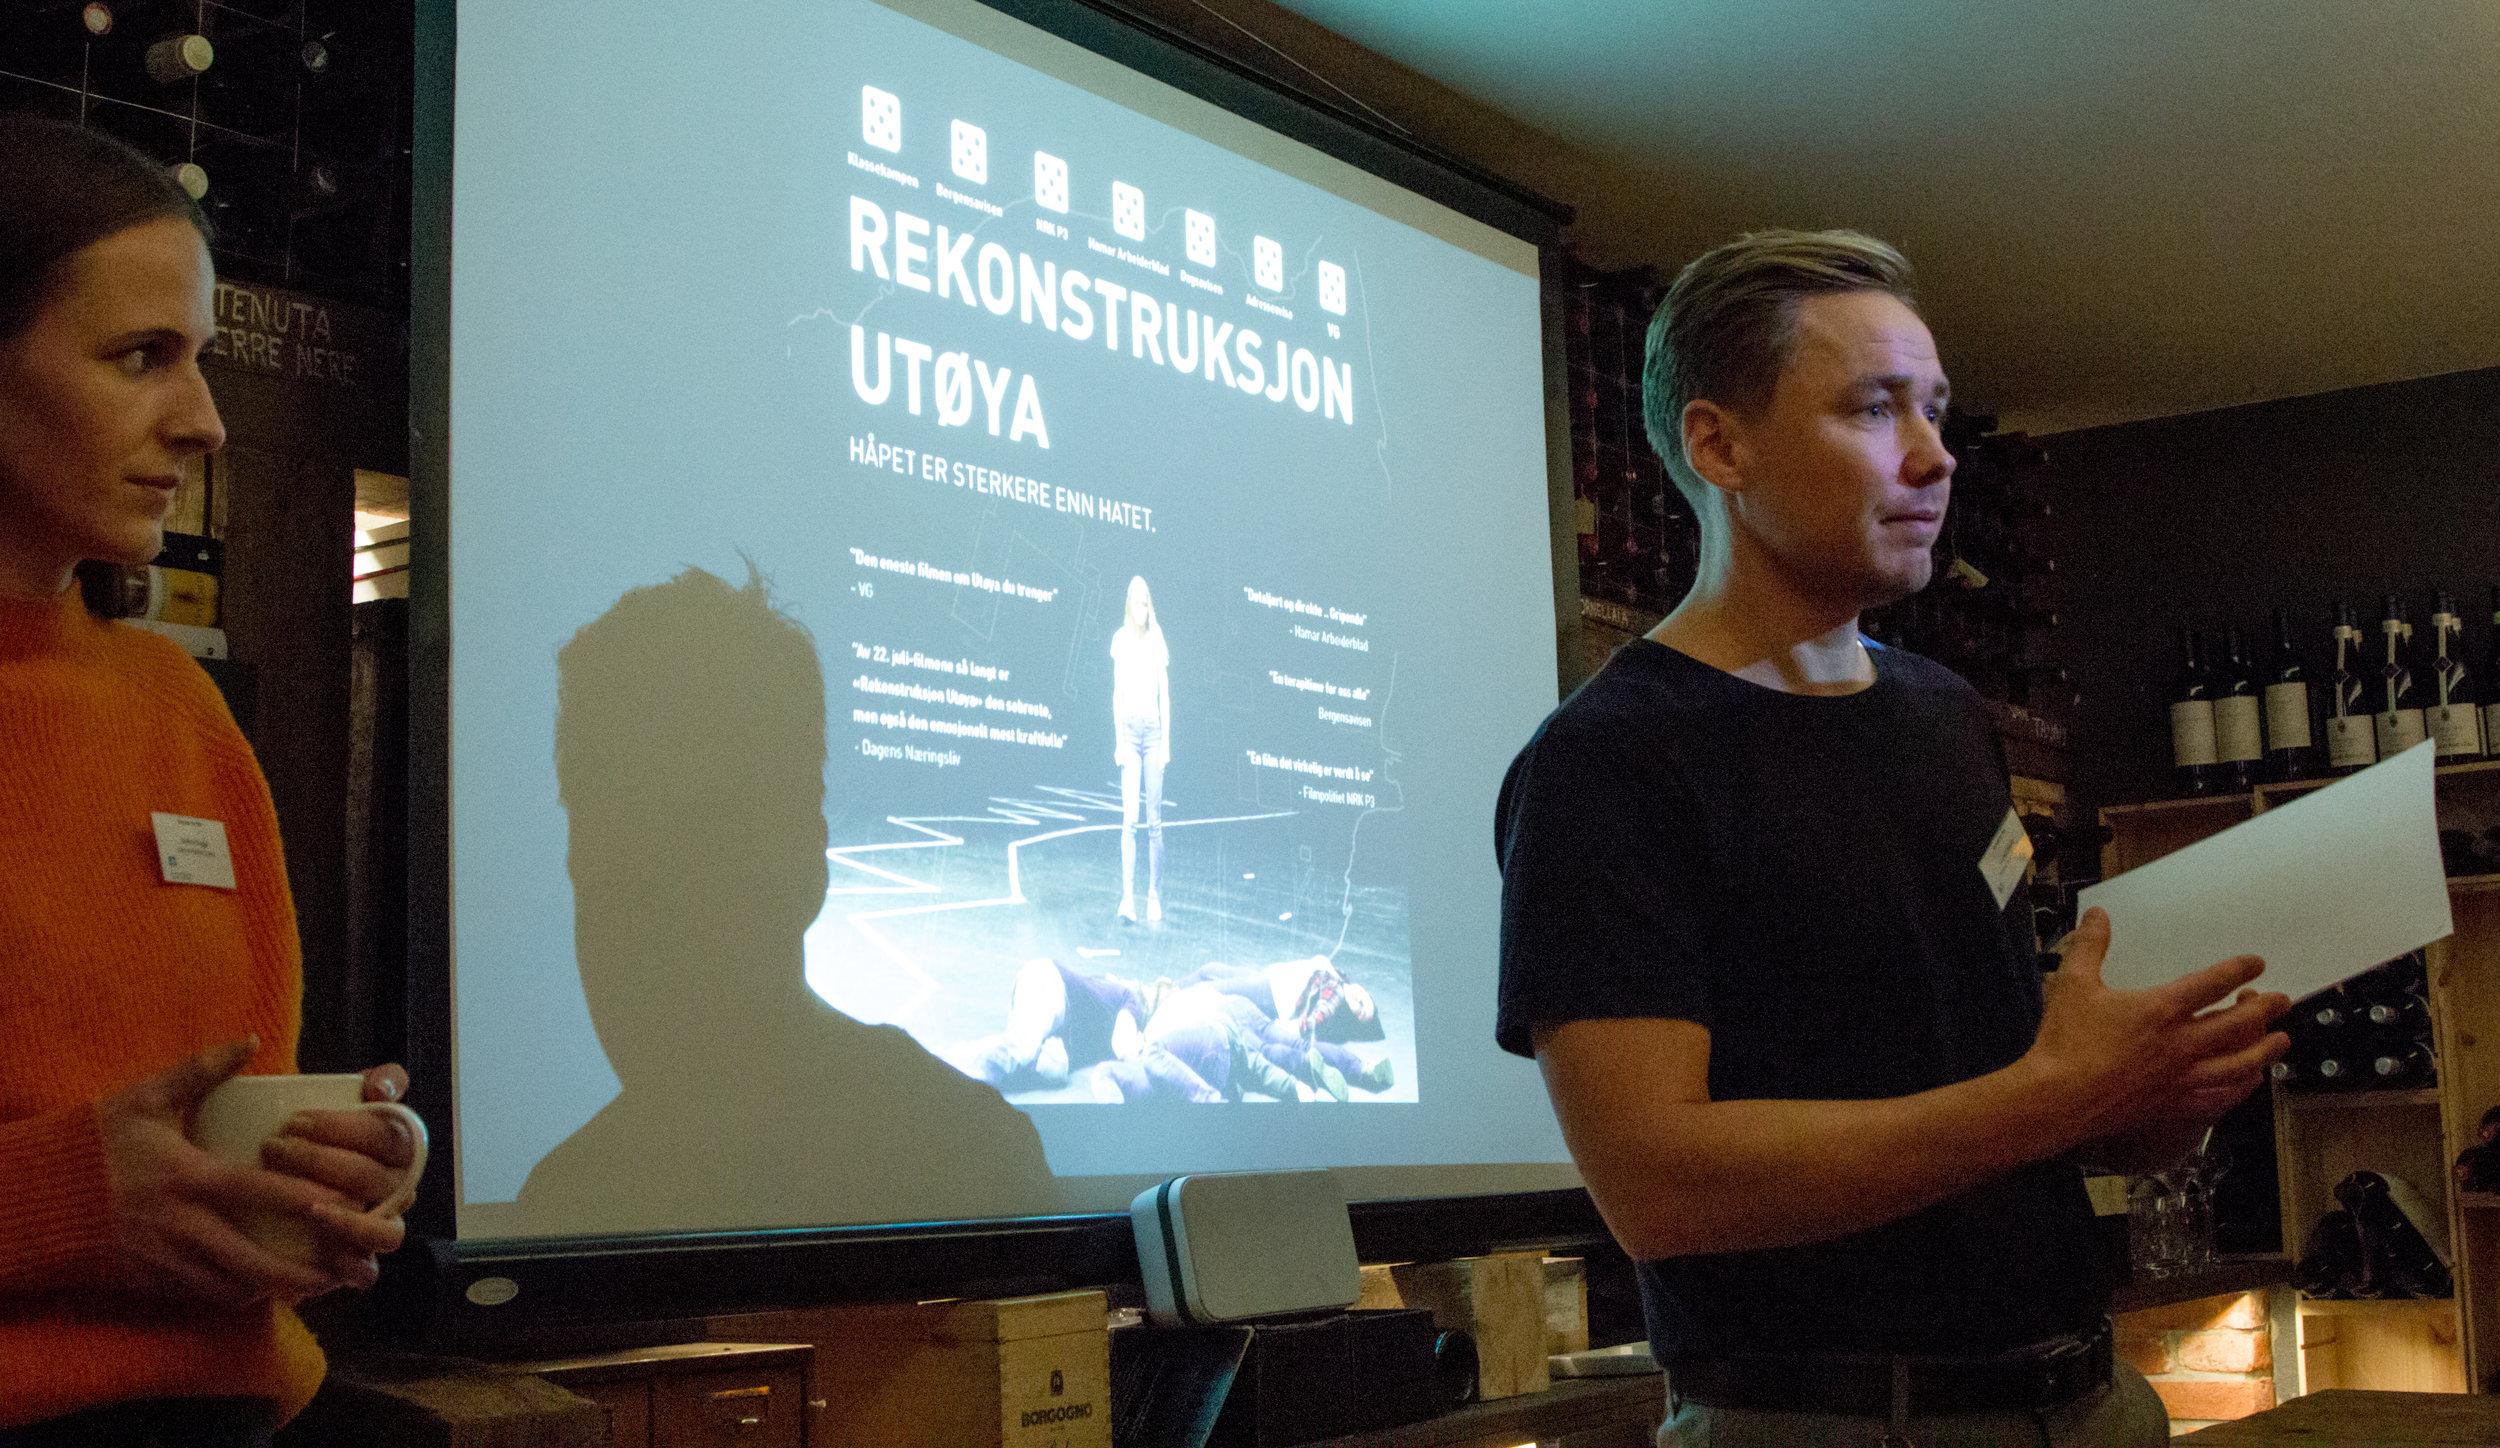 """Thomas Bjerke fra Oppland fylkeskommune introduserer den første langfilmvisningen på Marked for Film; """"Rekonstruksjon Utøya""""."""